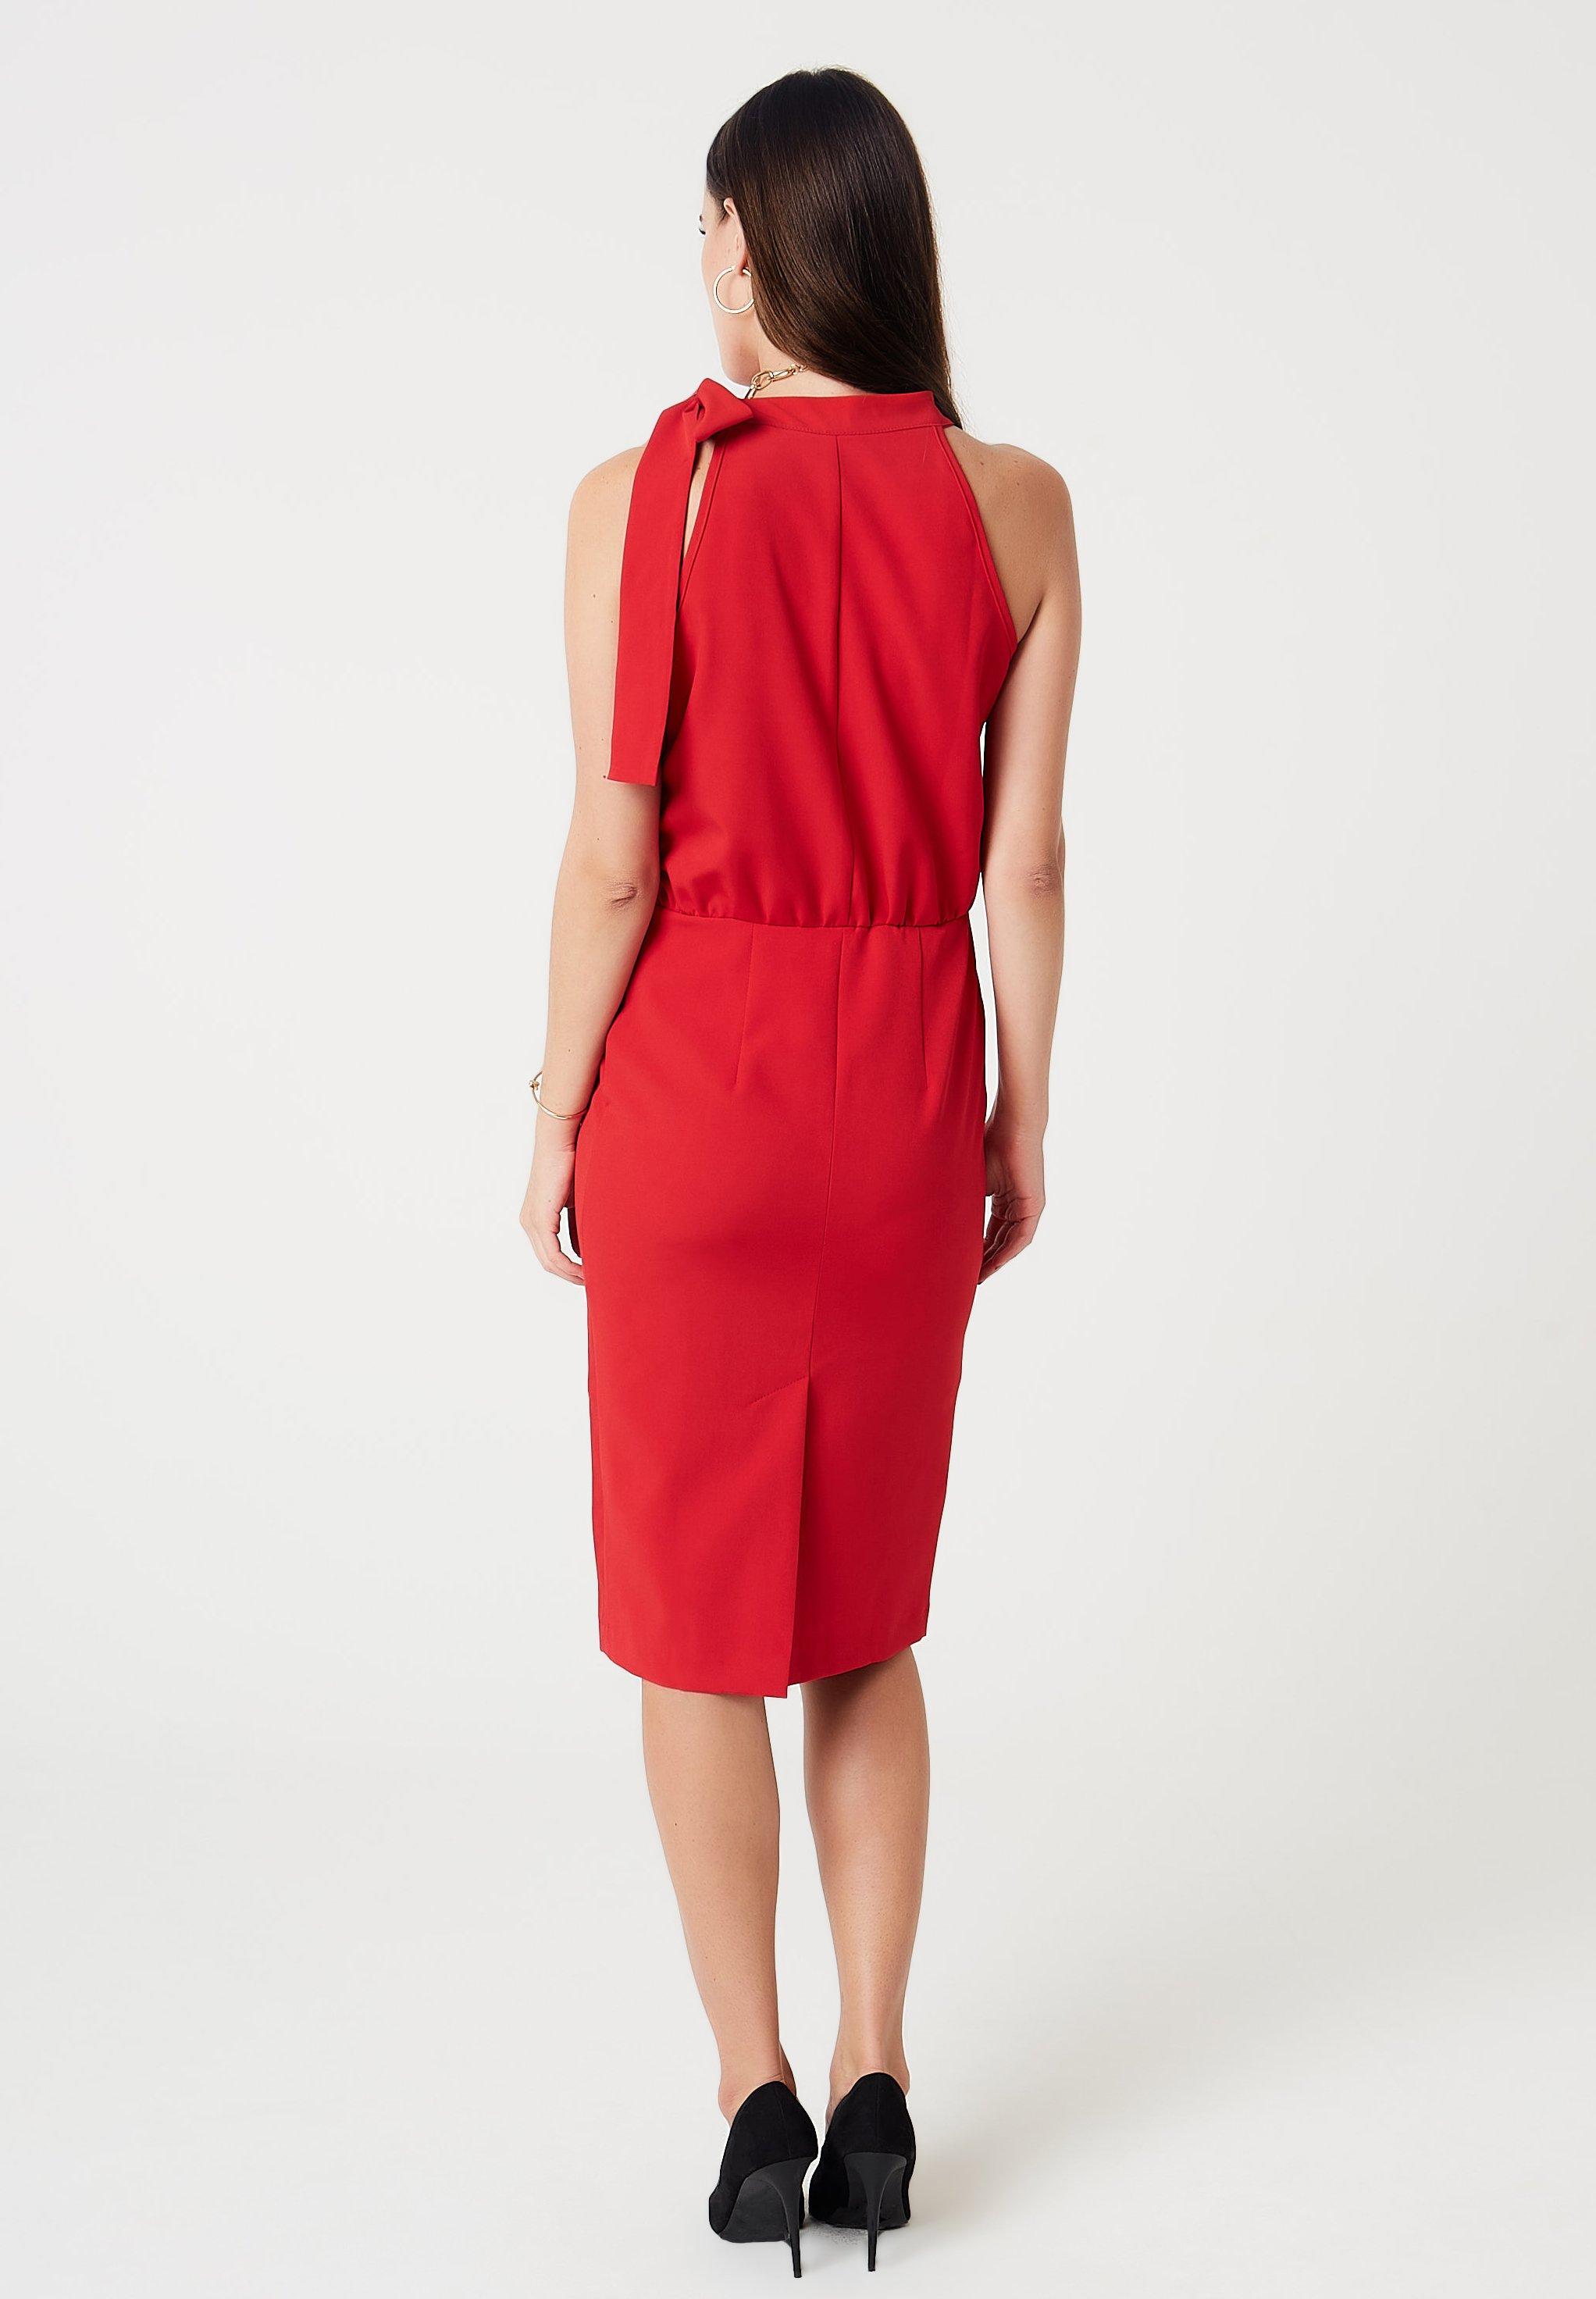 Cheap Women's Clothing faina Shift dress rot DALuhAECc